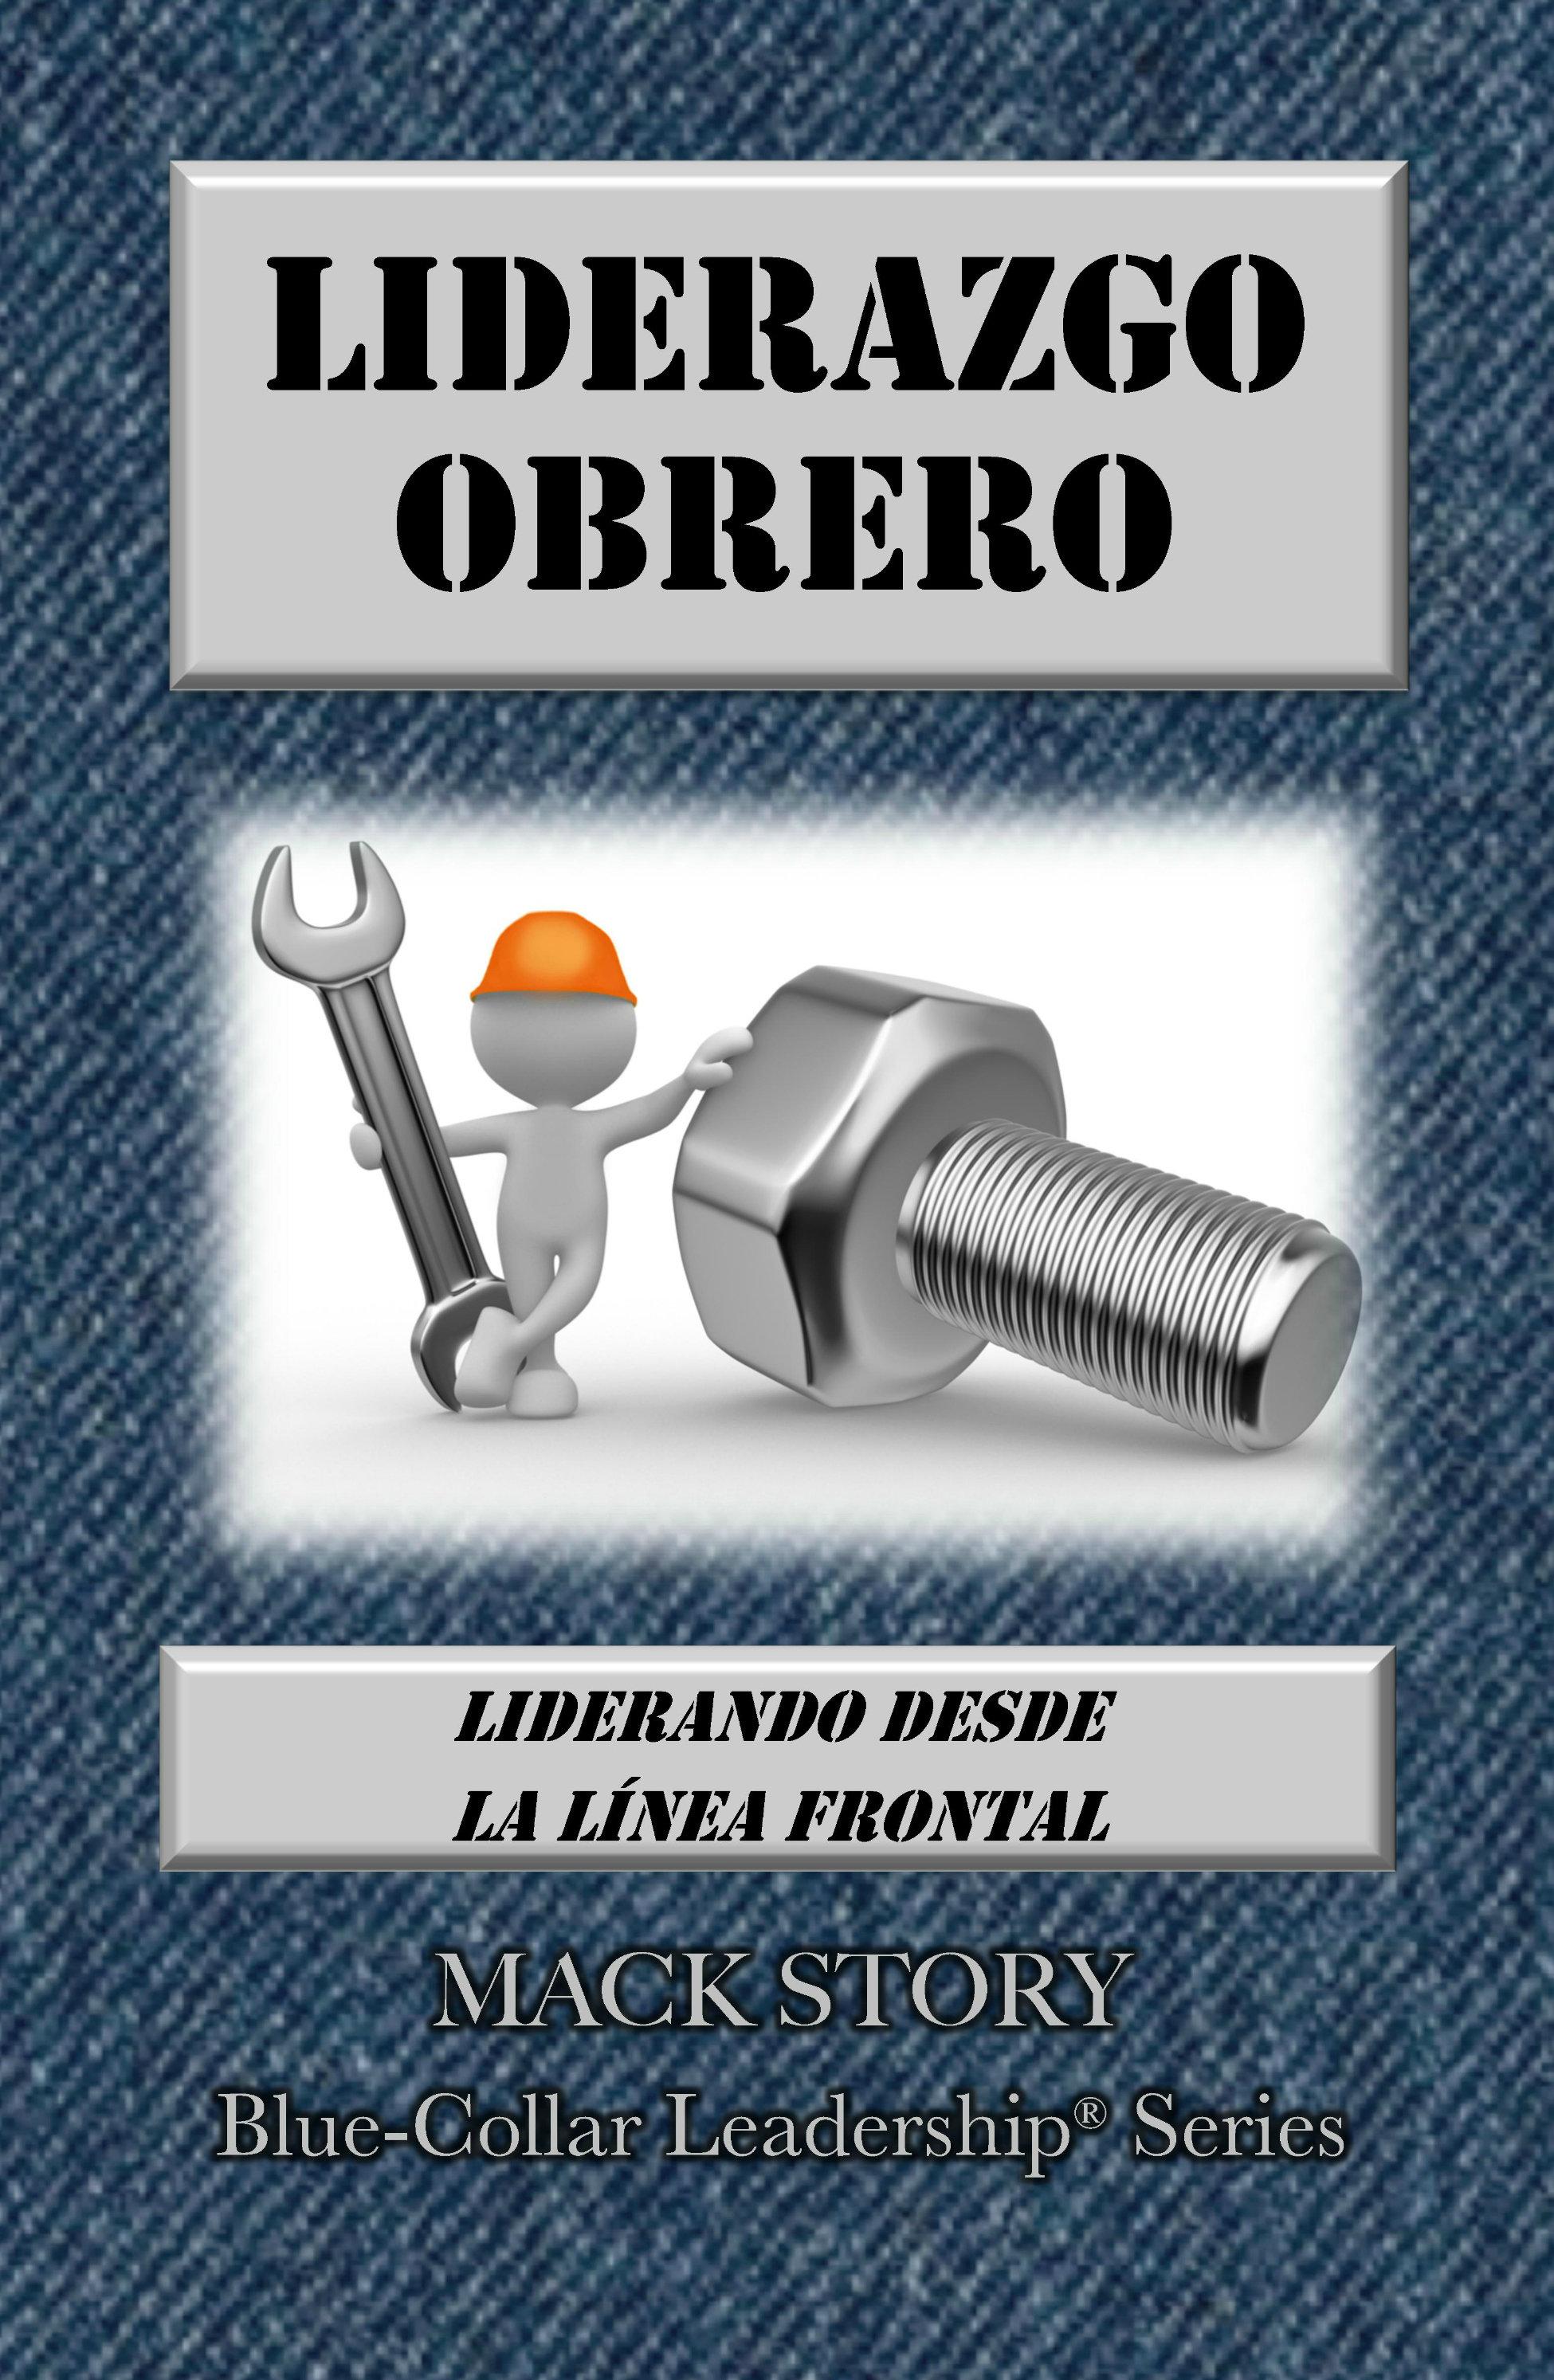 Blue-Collar Leadership SPANISH (Liderazgo Obrero: Liderando desde la Línea Frontal) 00008